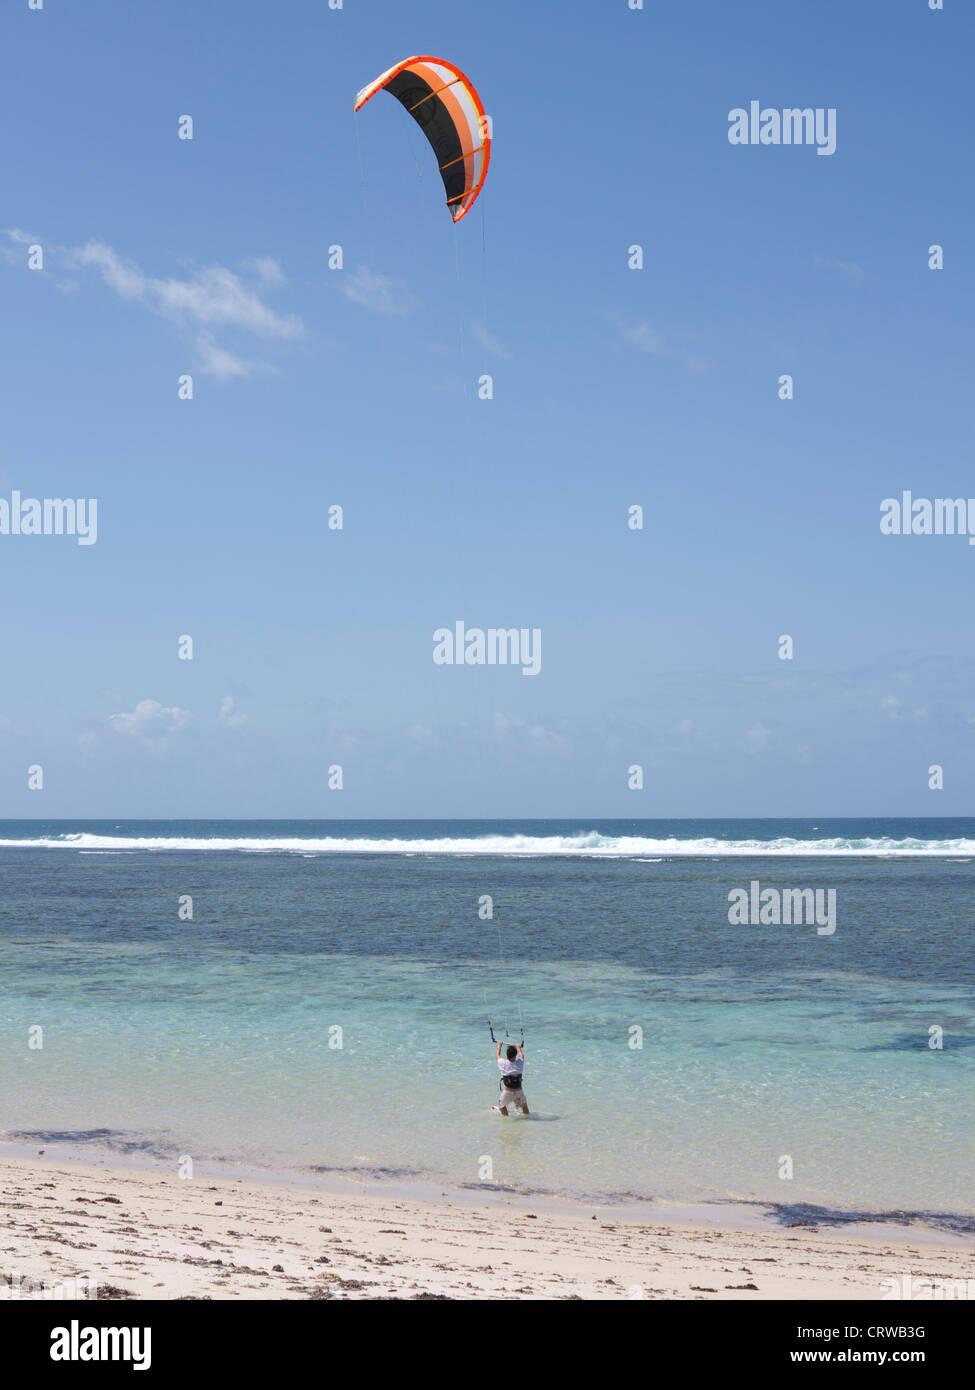 Turista wind surf en la playa de Tiwi, sobre la costa del Océano Índico, Kenya Imagen De Stock